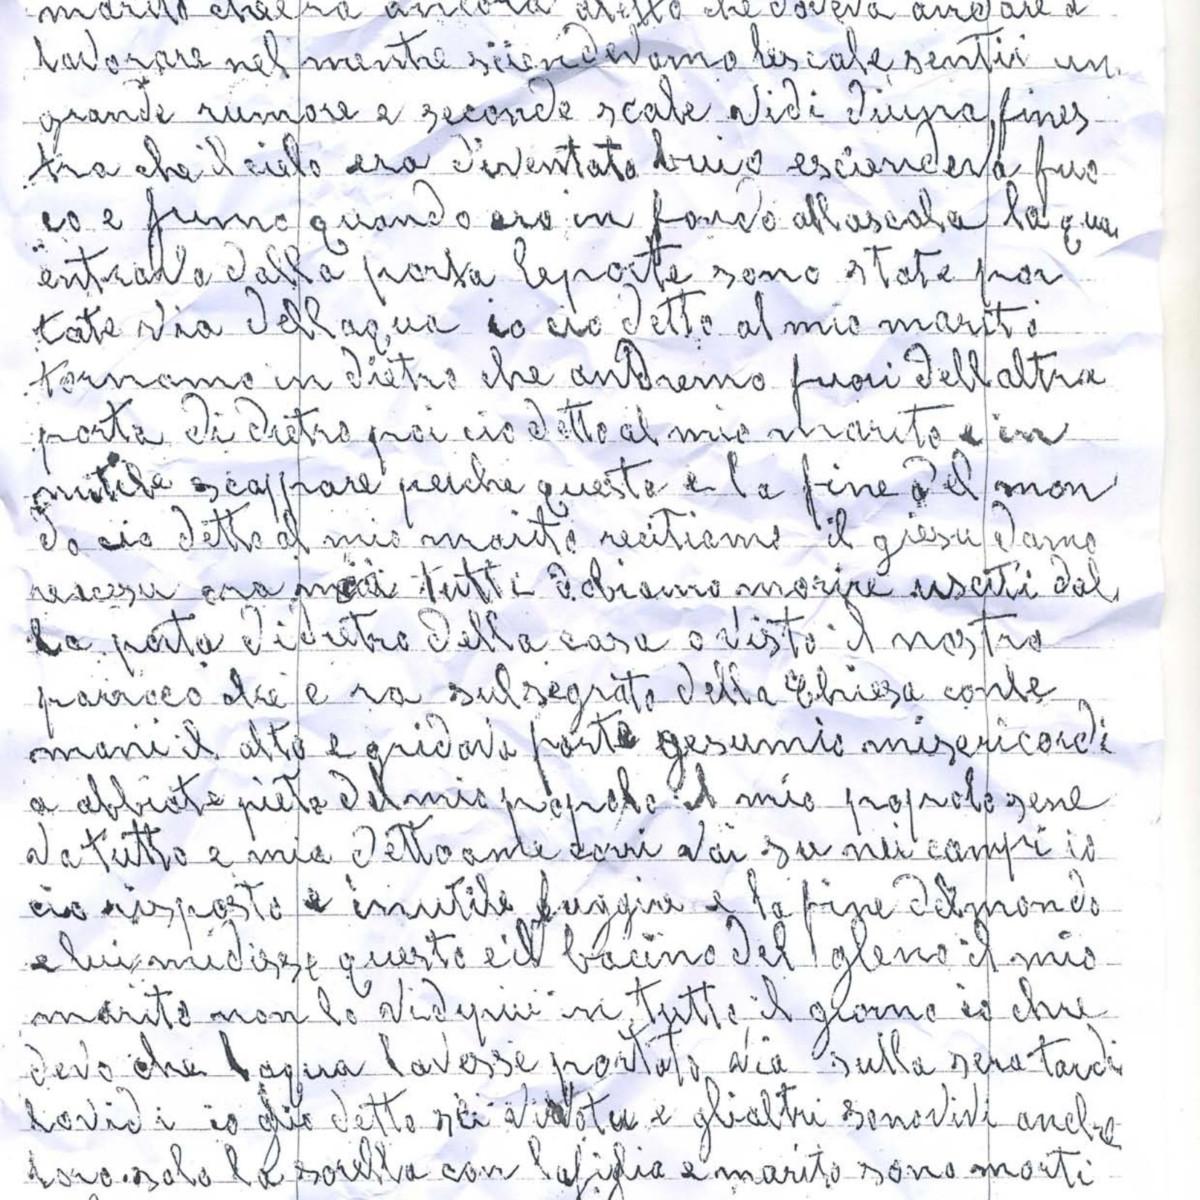 Lettera di Moreschi Pierina_01